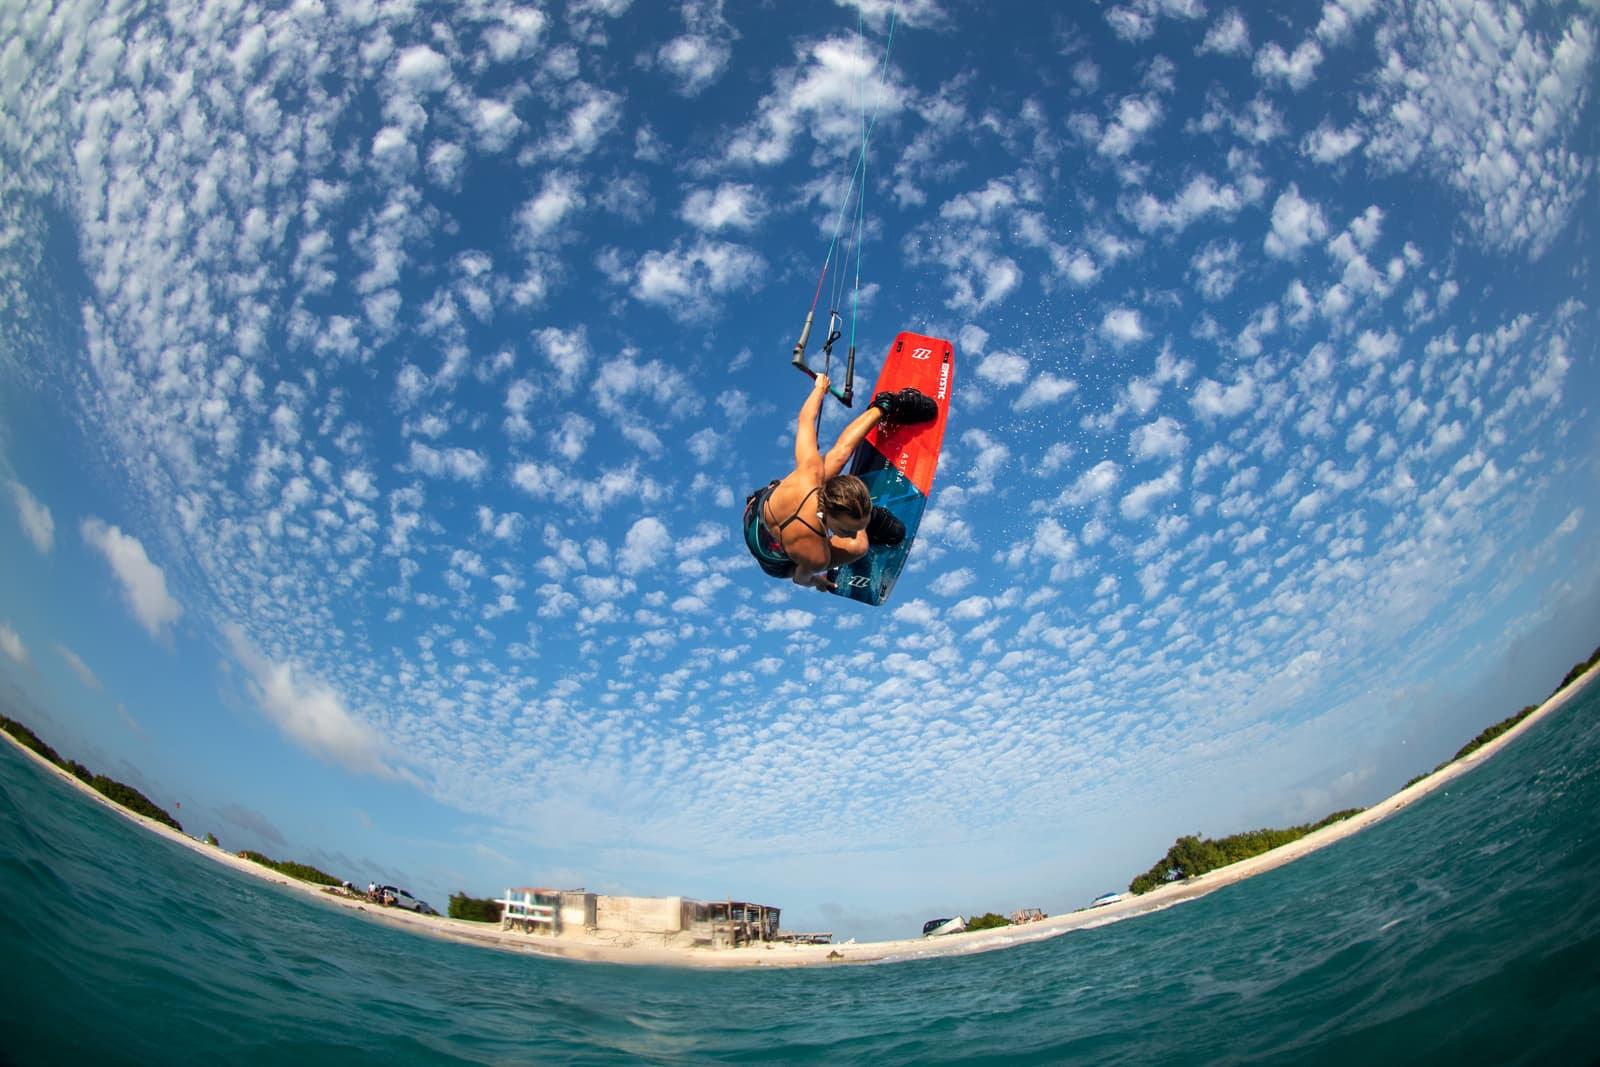 Kitesurfing Photoshoot